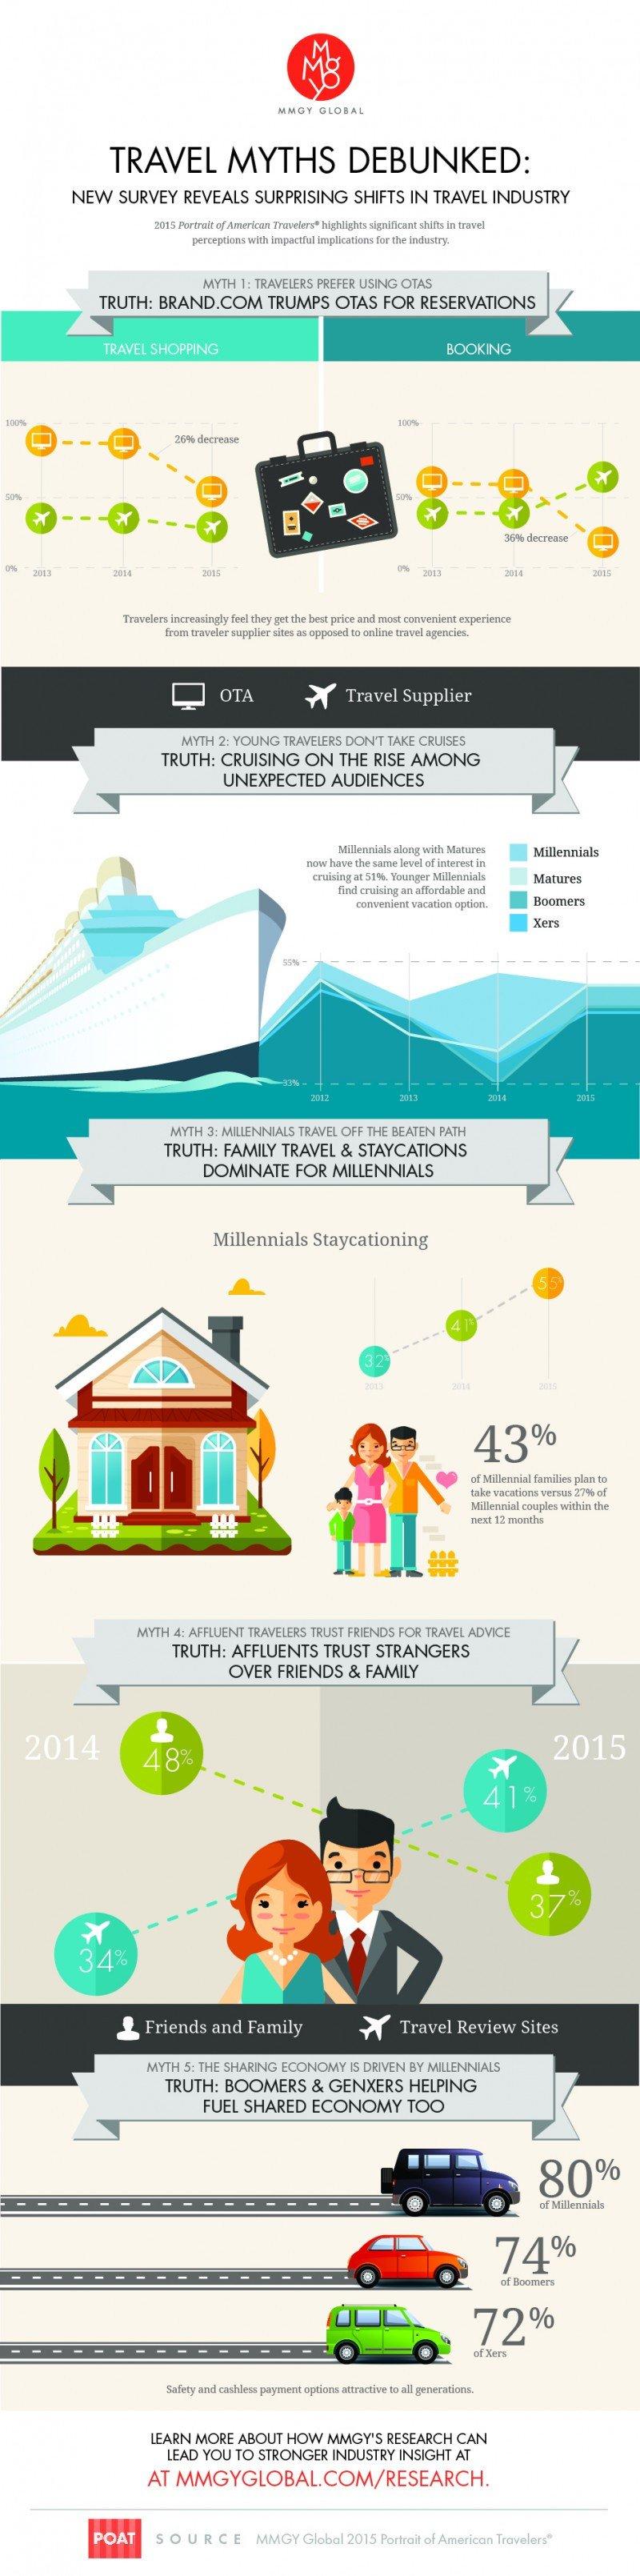 Infografía: MMGY Global. CLICK PARA AMPLIAR IMAGEN.